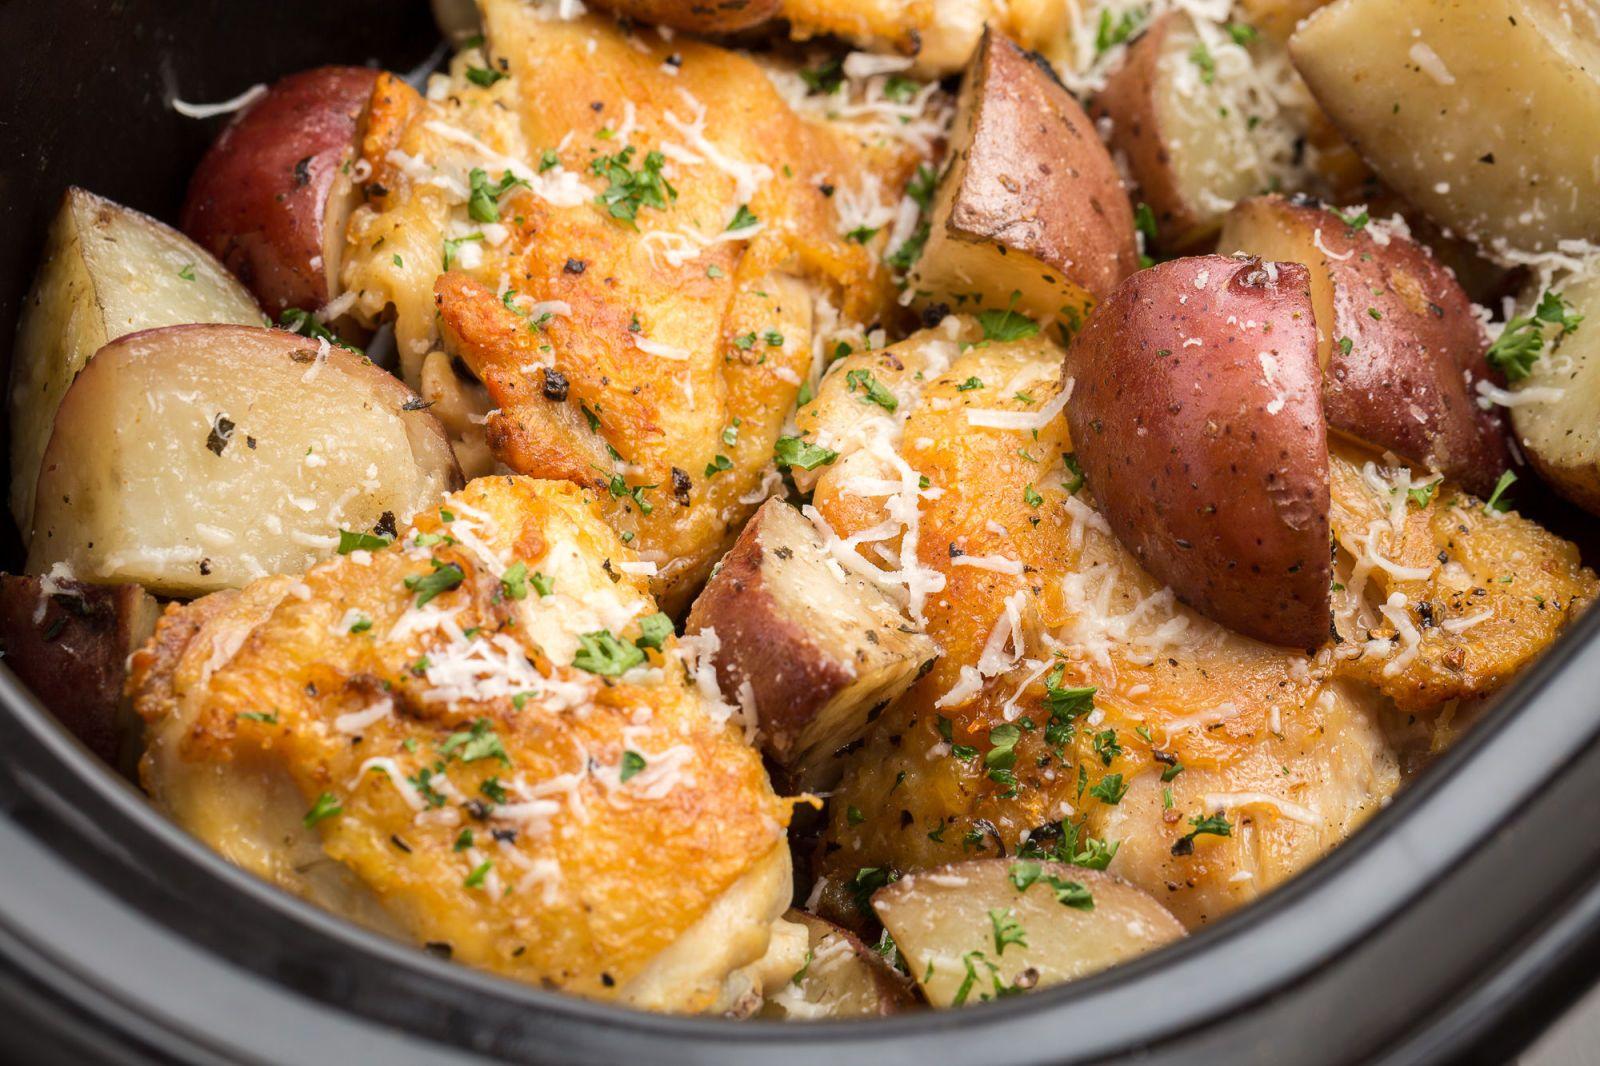 Slow Cooker Garlic Parmesan Chicken Is To Die For Recipe Chicken Slow Cooker Recipes Slow Cooker Chicken Slow Cooker Recipes